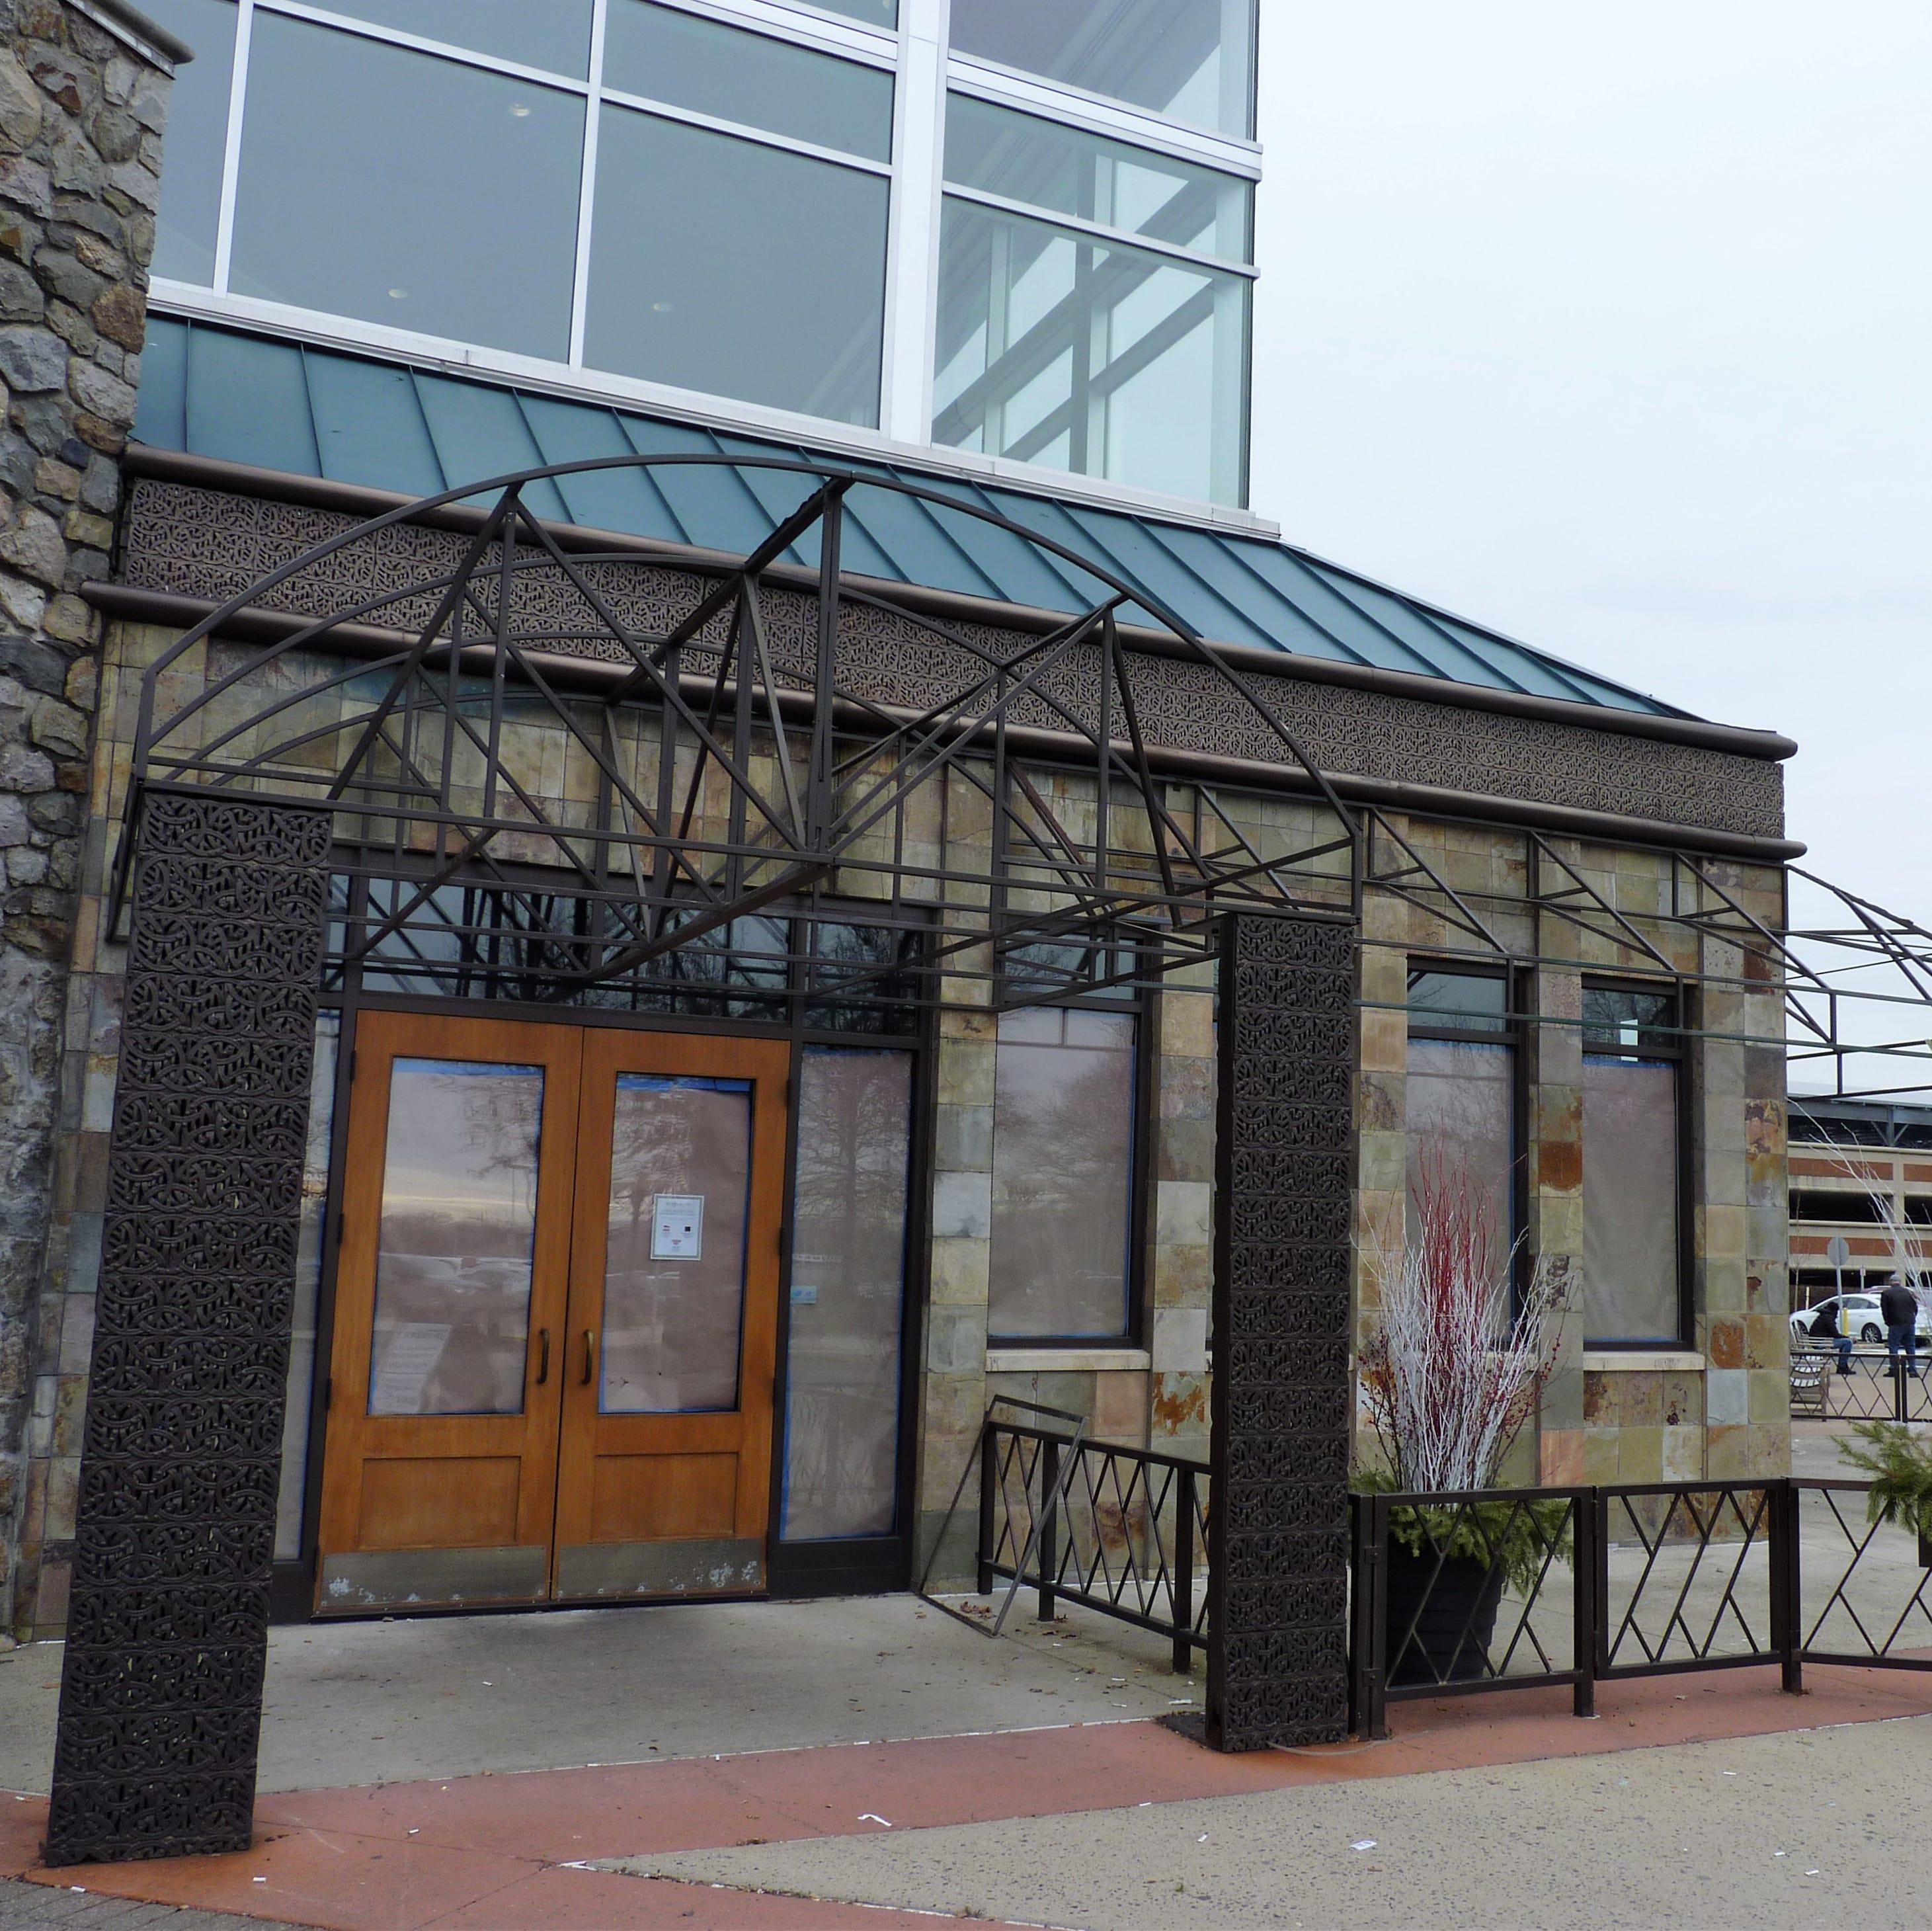 McCormick & Schmick's closes at Bridgewater Commons